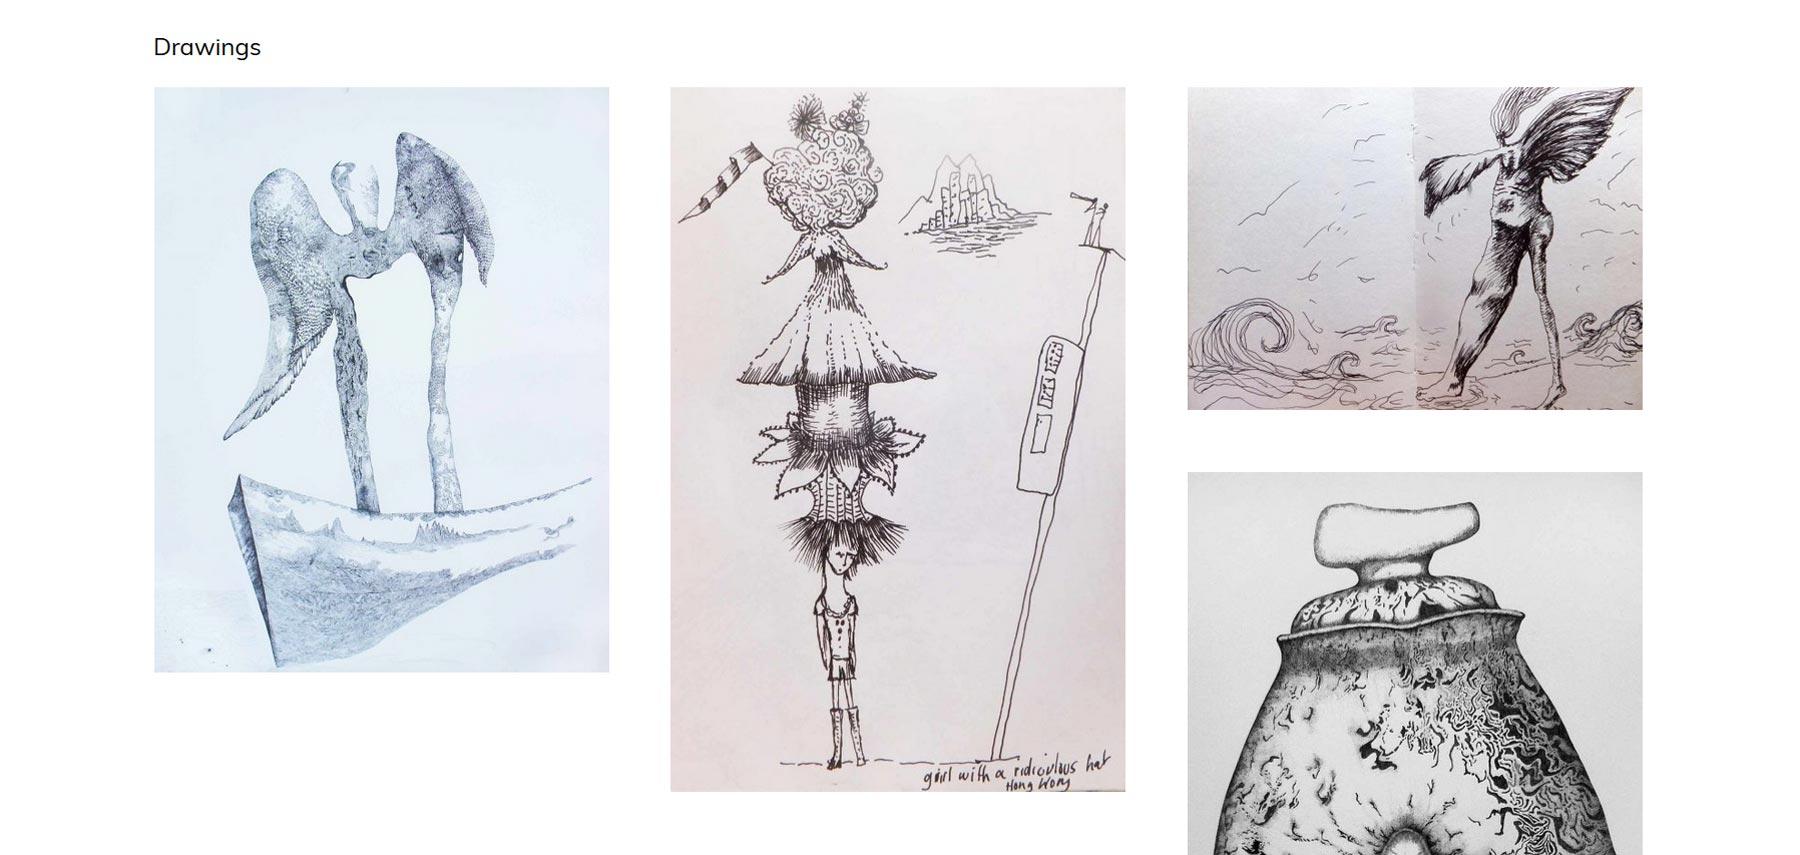 Jan Palethorpe artist drawings